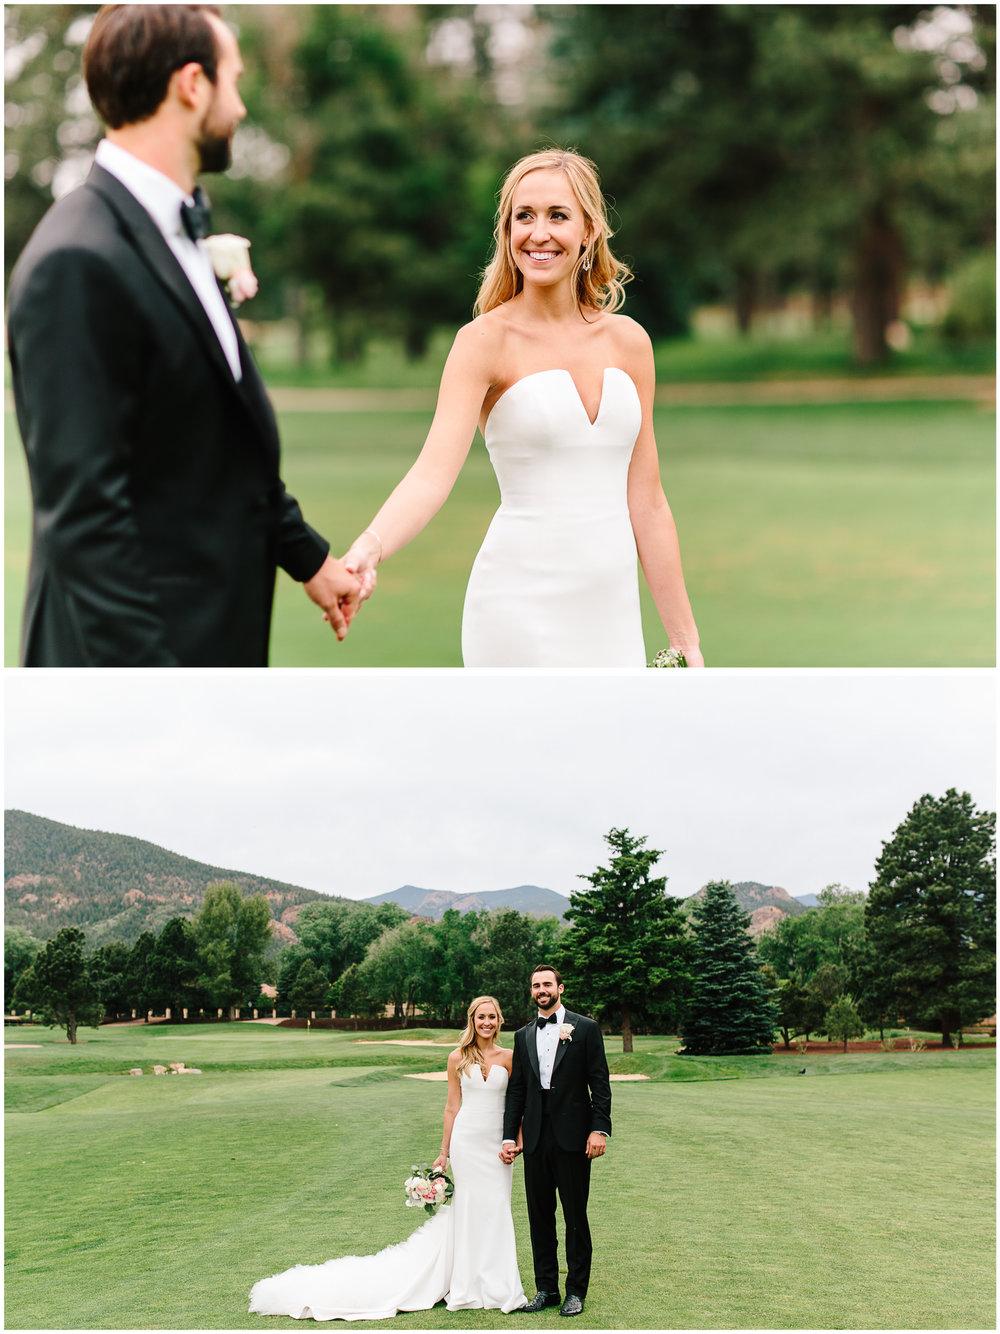 broadmoor_wedding_53.jpg